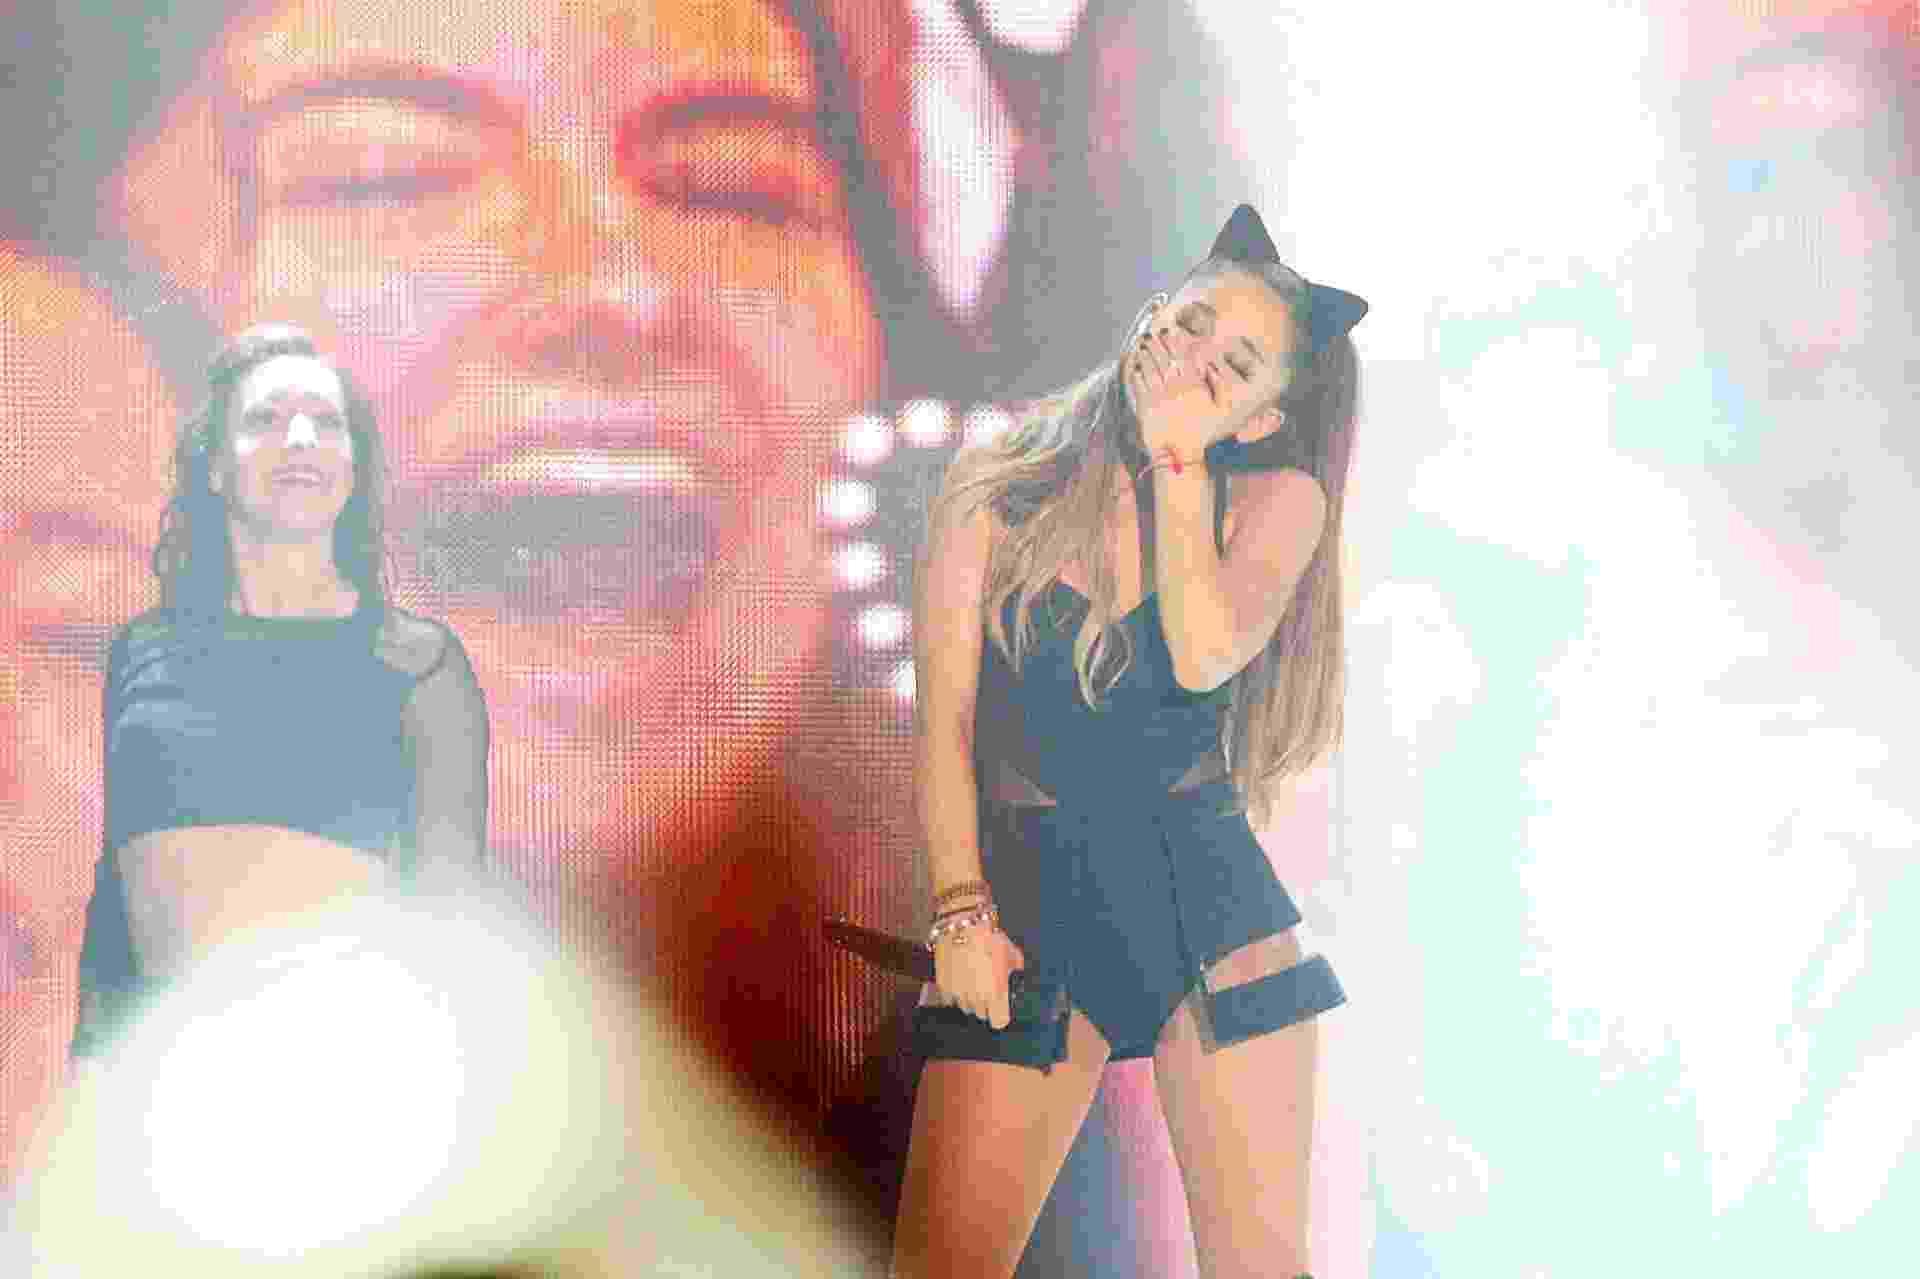 25.out.2015 - Pela primeira vez no Brasil, a cantora Ariana Grande se apresentou neste domingo no Allianz Parque, em São Paulo - Reinaldo Canato